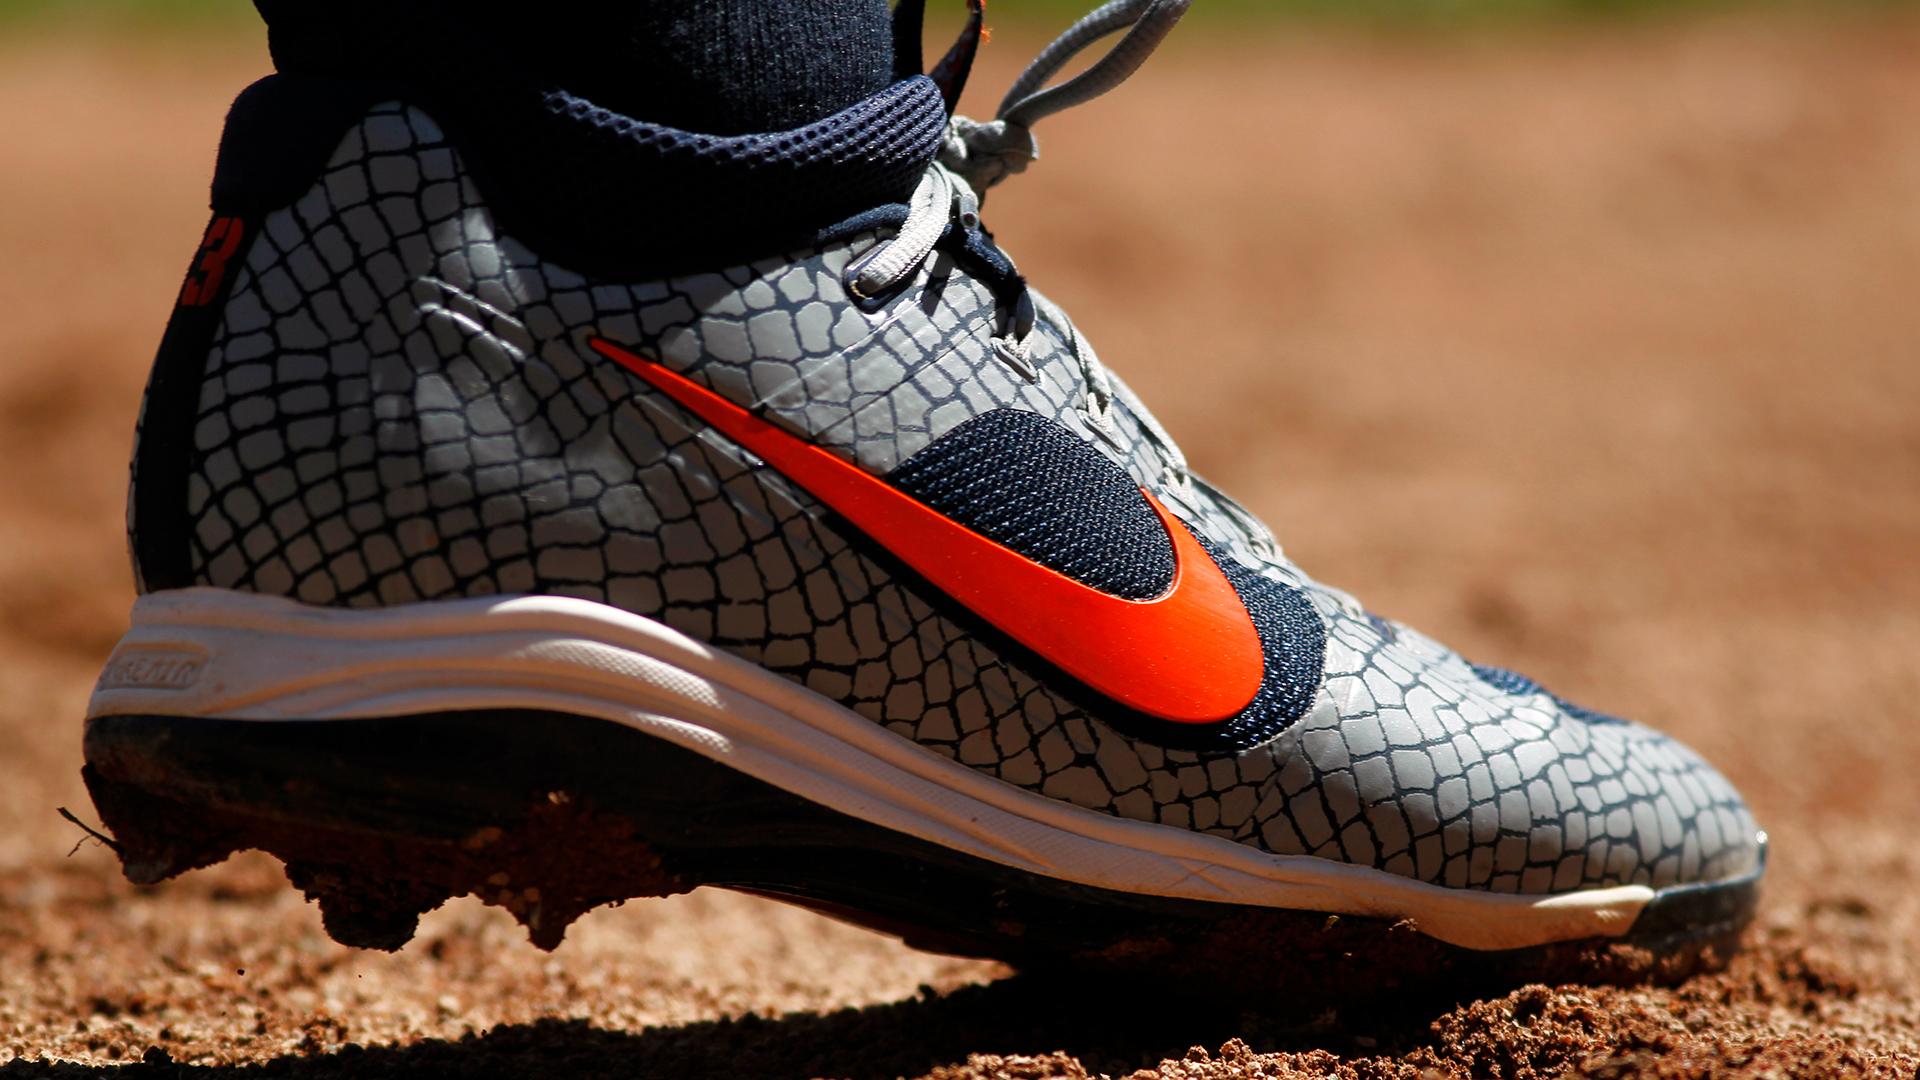 Nike shoe of Ian Kinsler-159532.jpg18709400